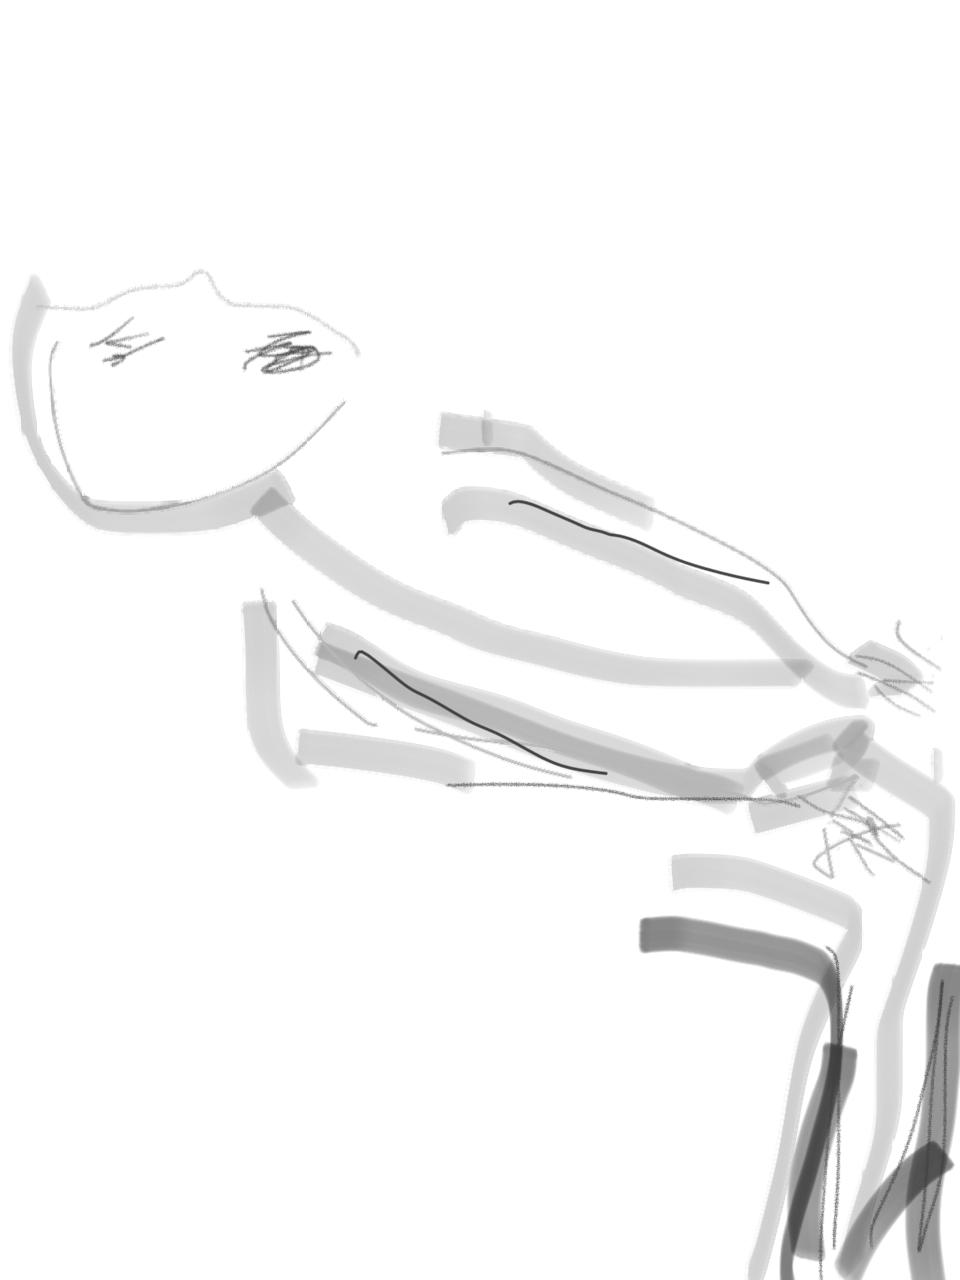 fluorite body sketch 4.jpg